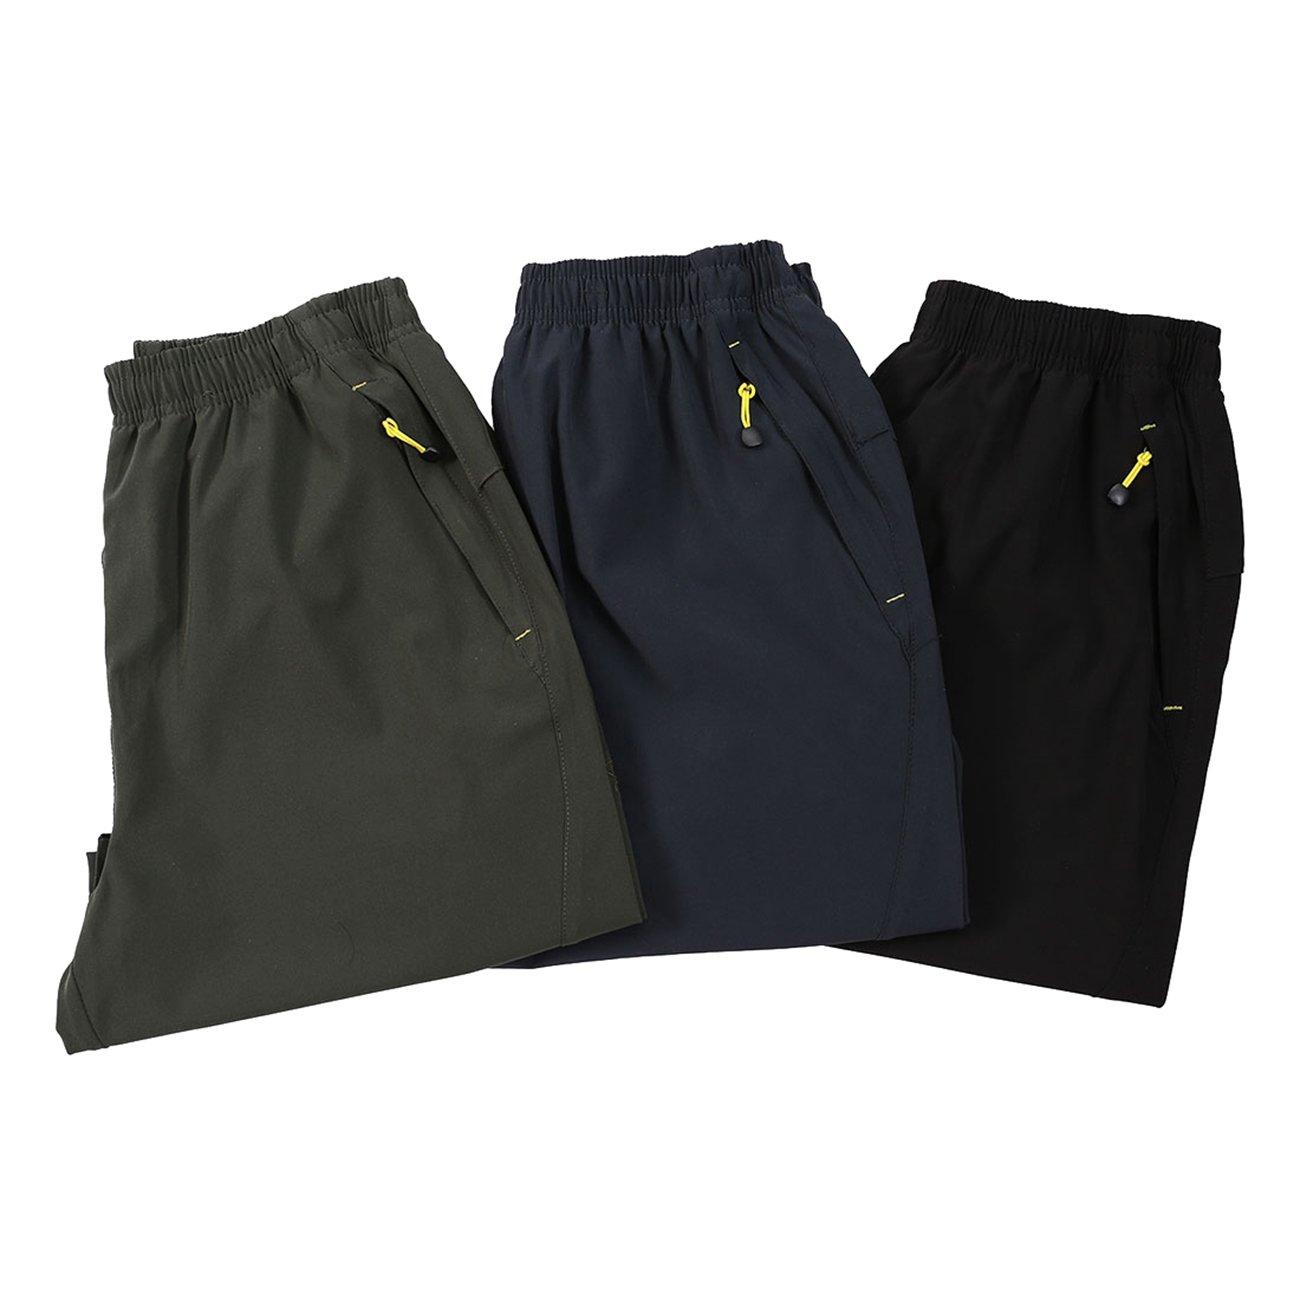 Mesitelin Men Outdoor Sport Zipper Pocket Short Casual Running Short PP185